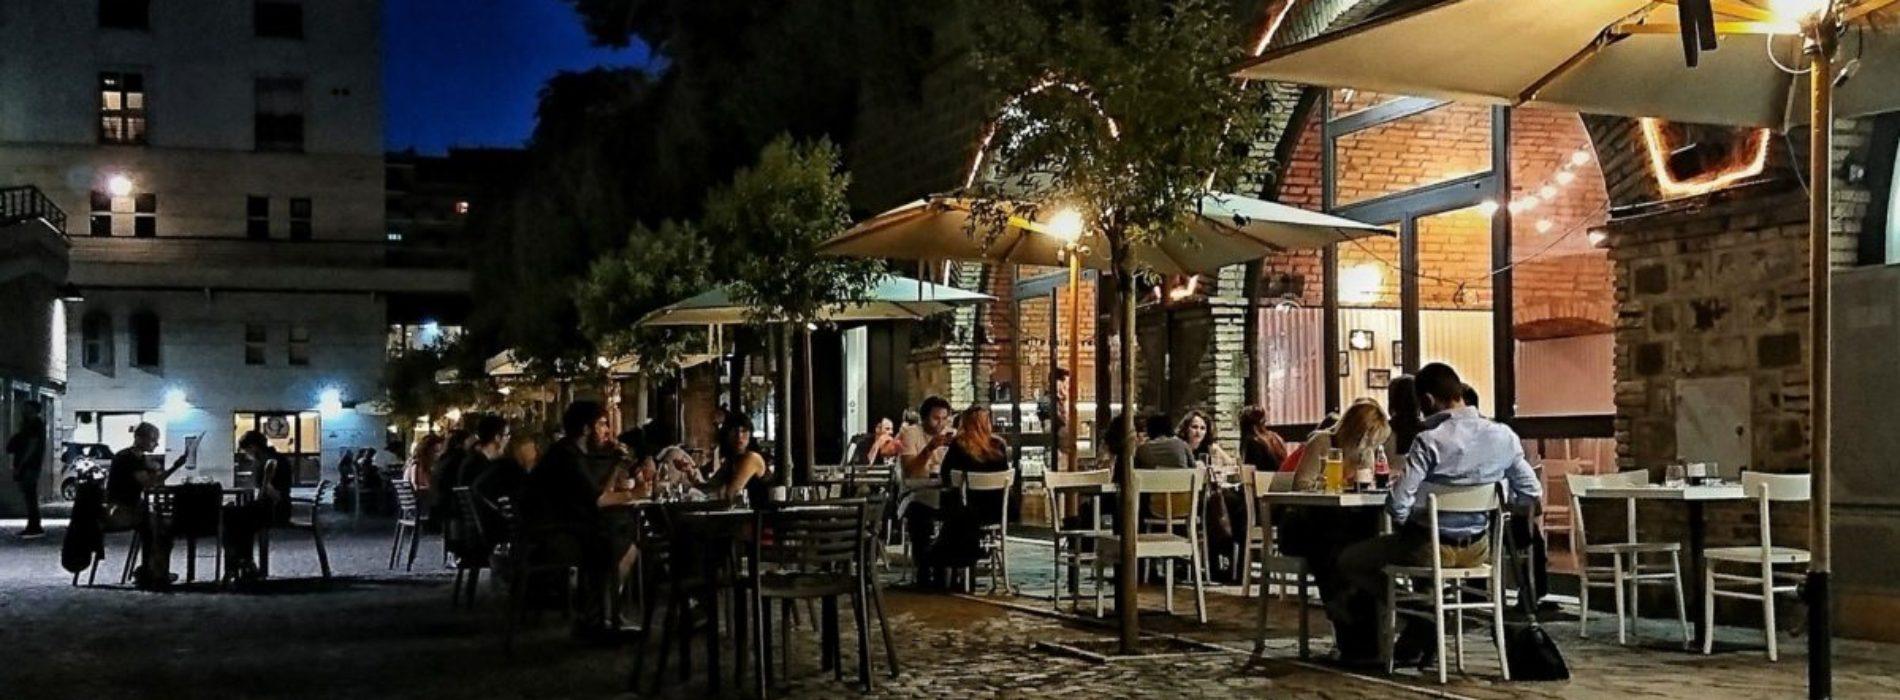 Mangiare all 39 aperto a roma ristoranti e trattorie con dehors puntarella rossa - Ristoranti con giardino roma ...